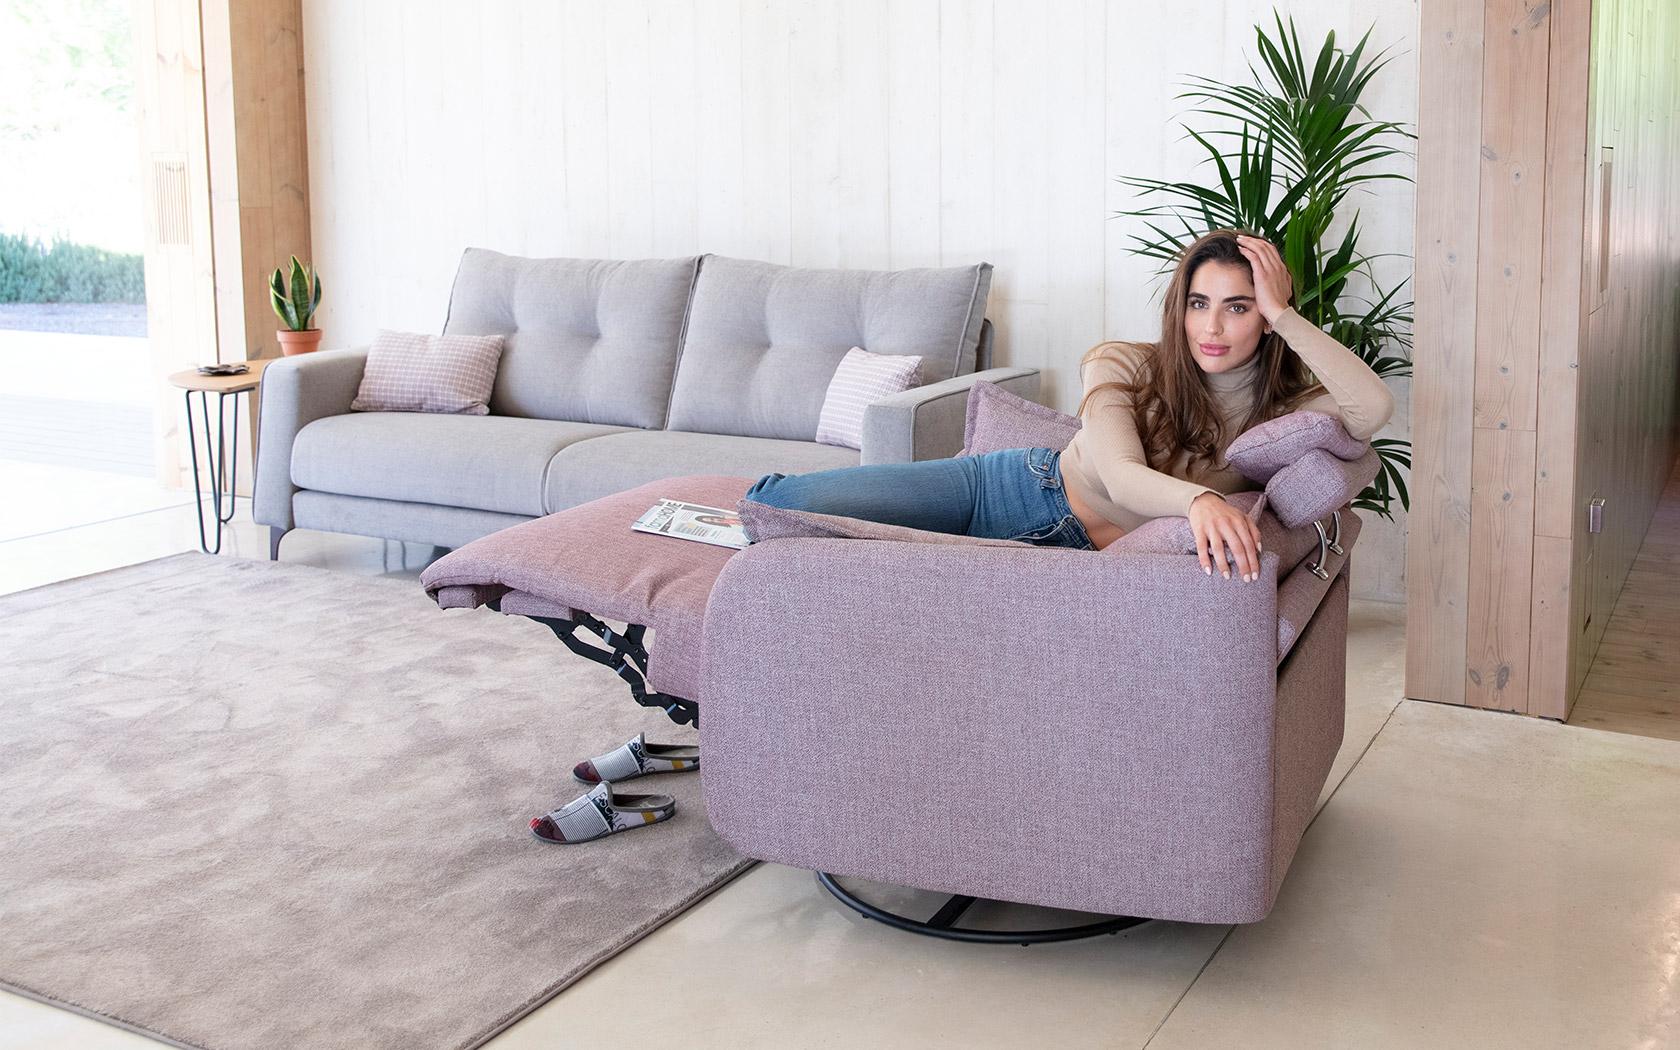 Eva sillon relax 2021 05